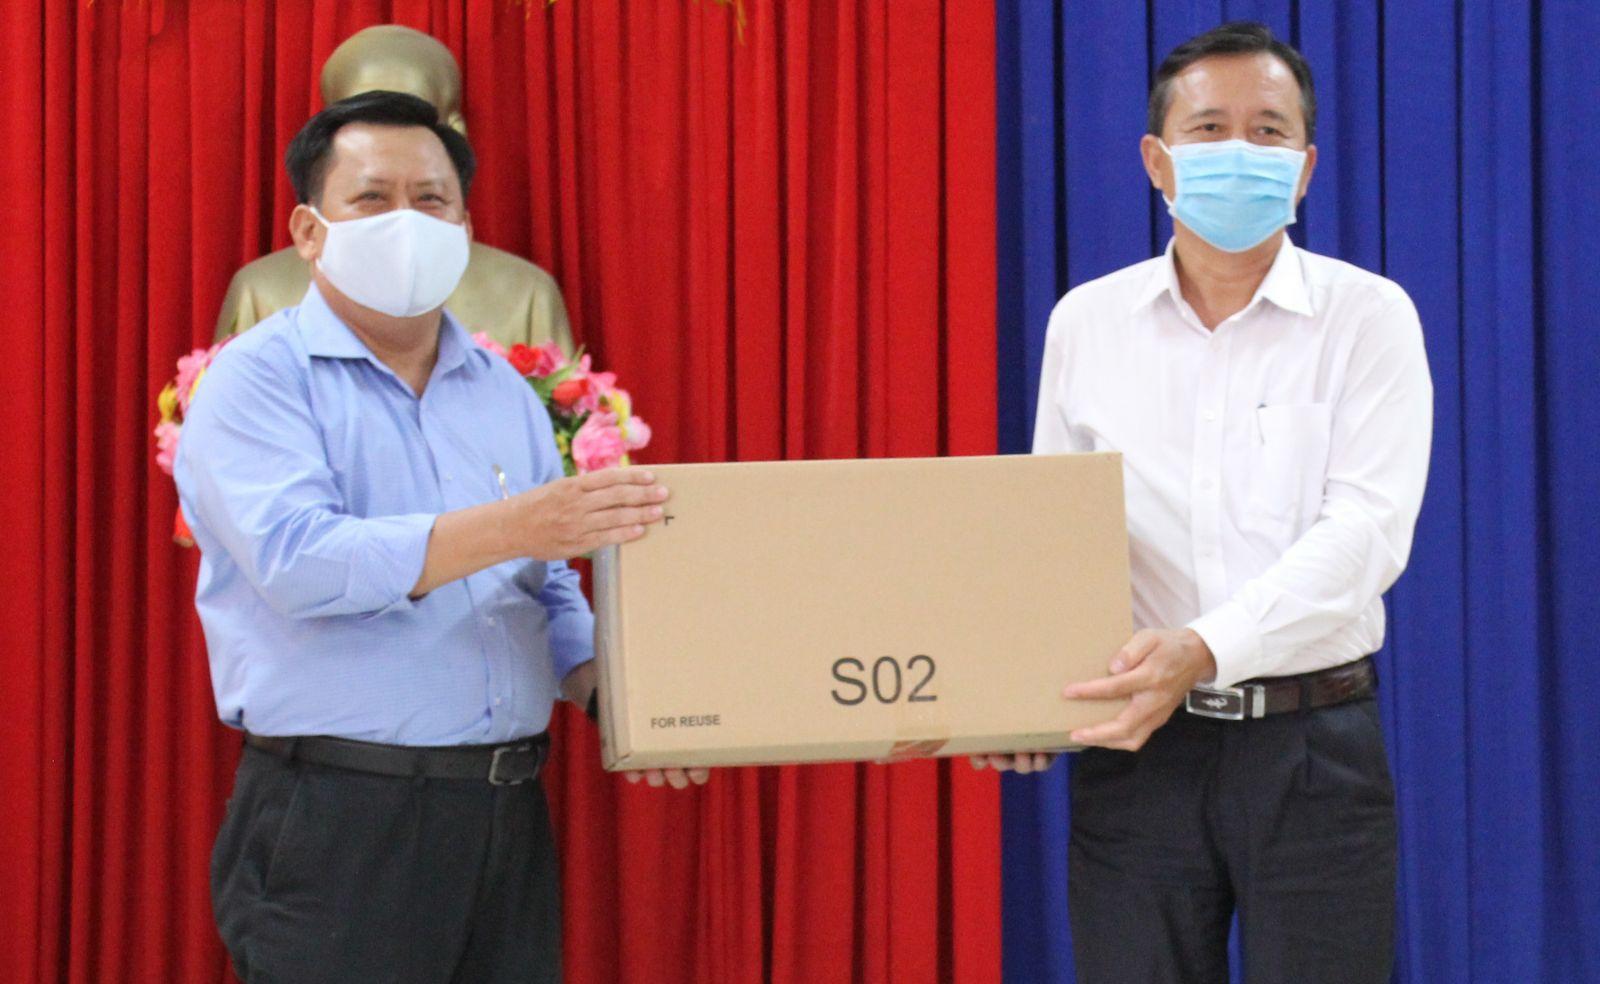 Giám đốc Sở Kế hoạch và Đầu tư - Huỳnh Văn Sơn (bên trái) trao 4.000 khẩu trang cho Phó Chủ tịch UBND TP. Tân An - Nguyễn Quang Thái